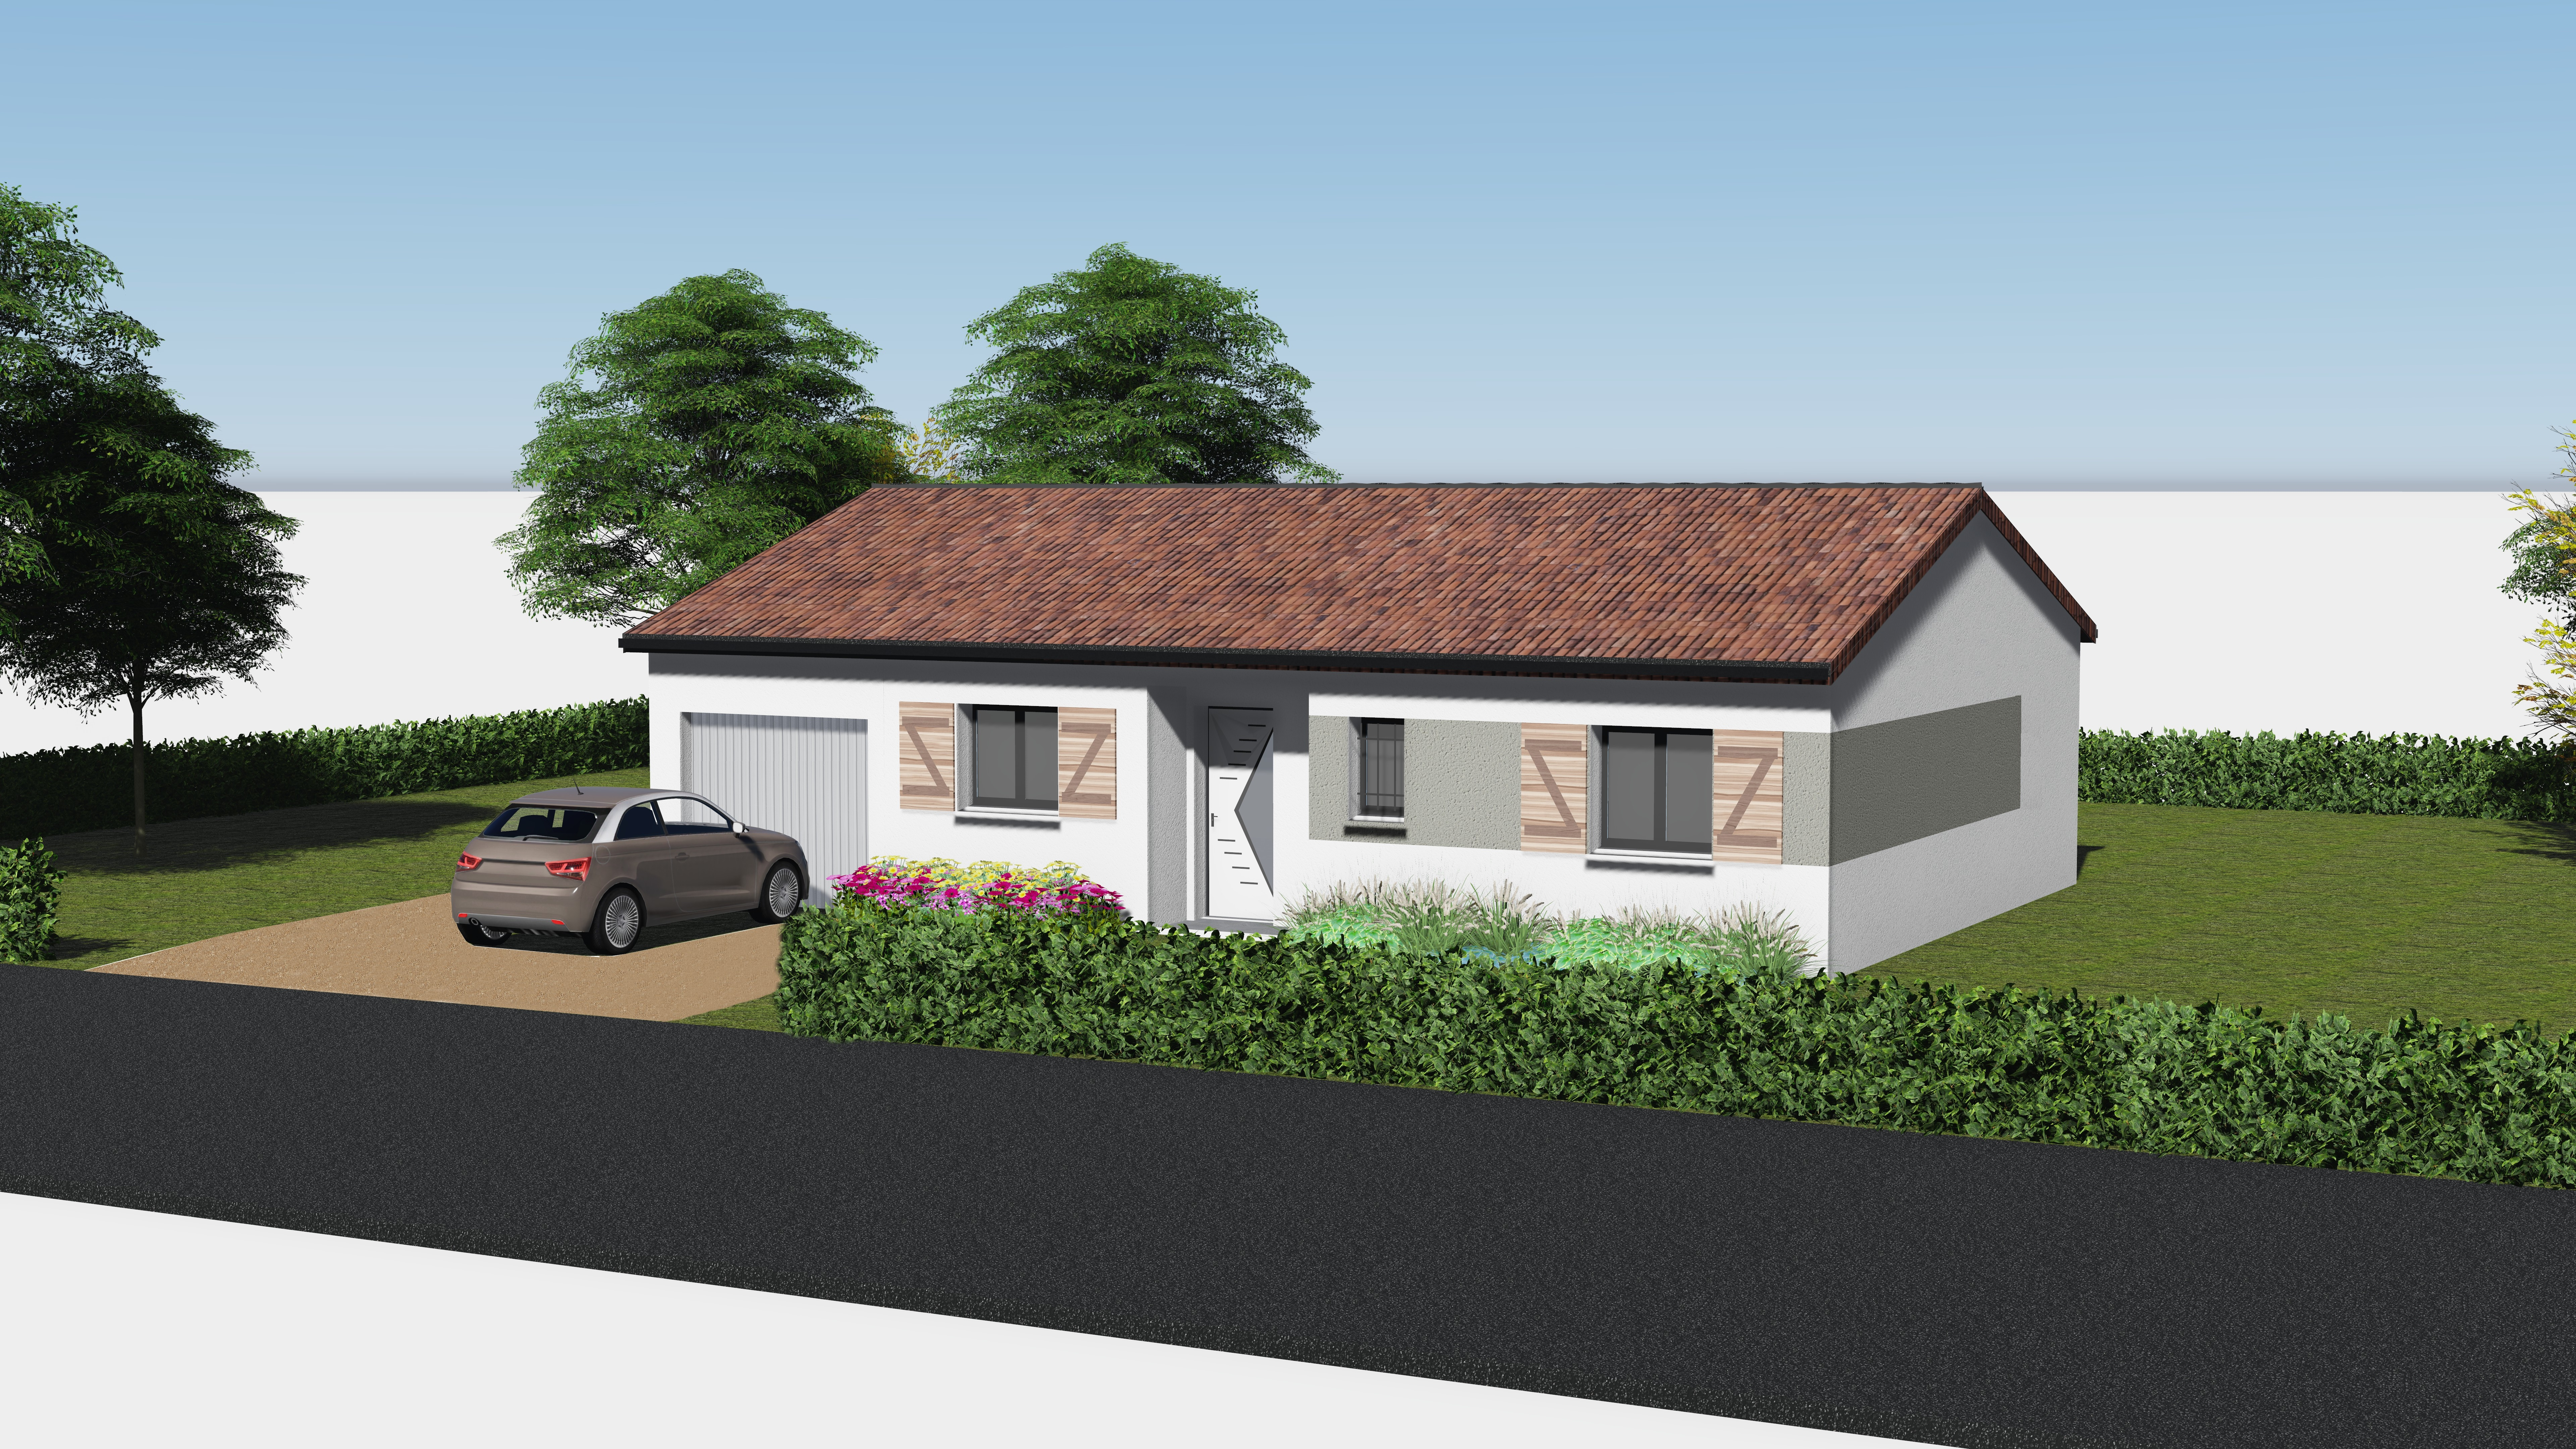 maisons eugie modèle plain pied contemporain moderne décoration façade toiture pente 33% matériaux régionaux construction traditionnelle tarn et garonne montauban volets bois